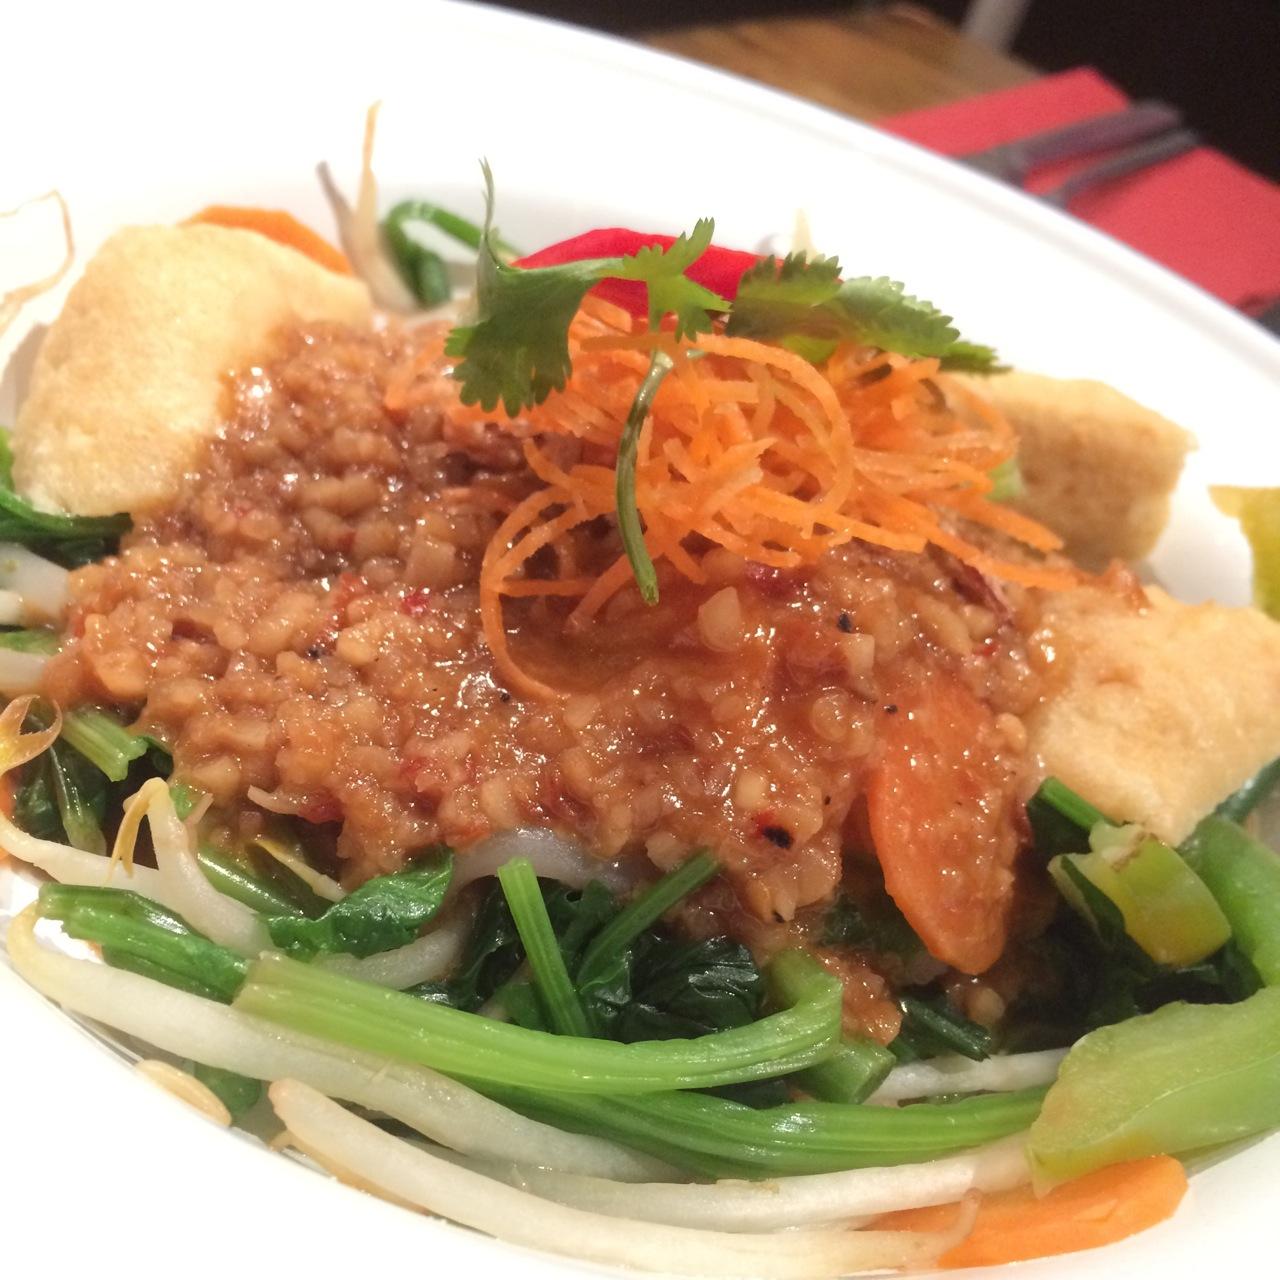 https://i1.wp.com/fatgayvegan.com/wp-content/uploads/2015/12/Ning-vegan-salad.jpg?fit=1280%2C1280&ssl=1